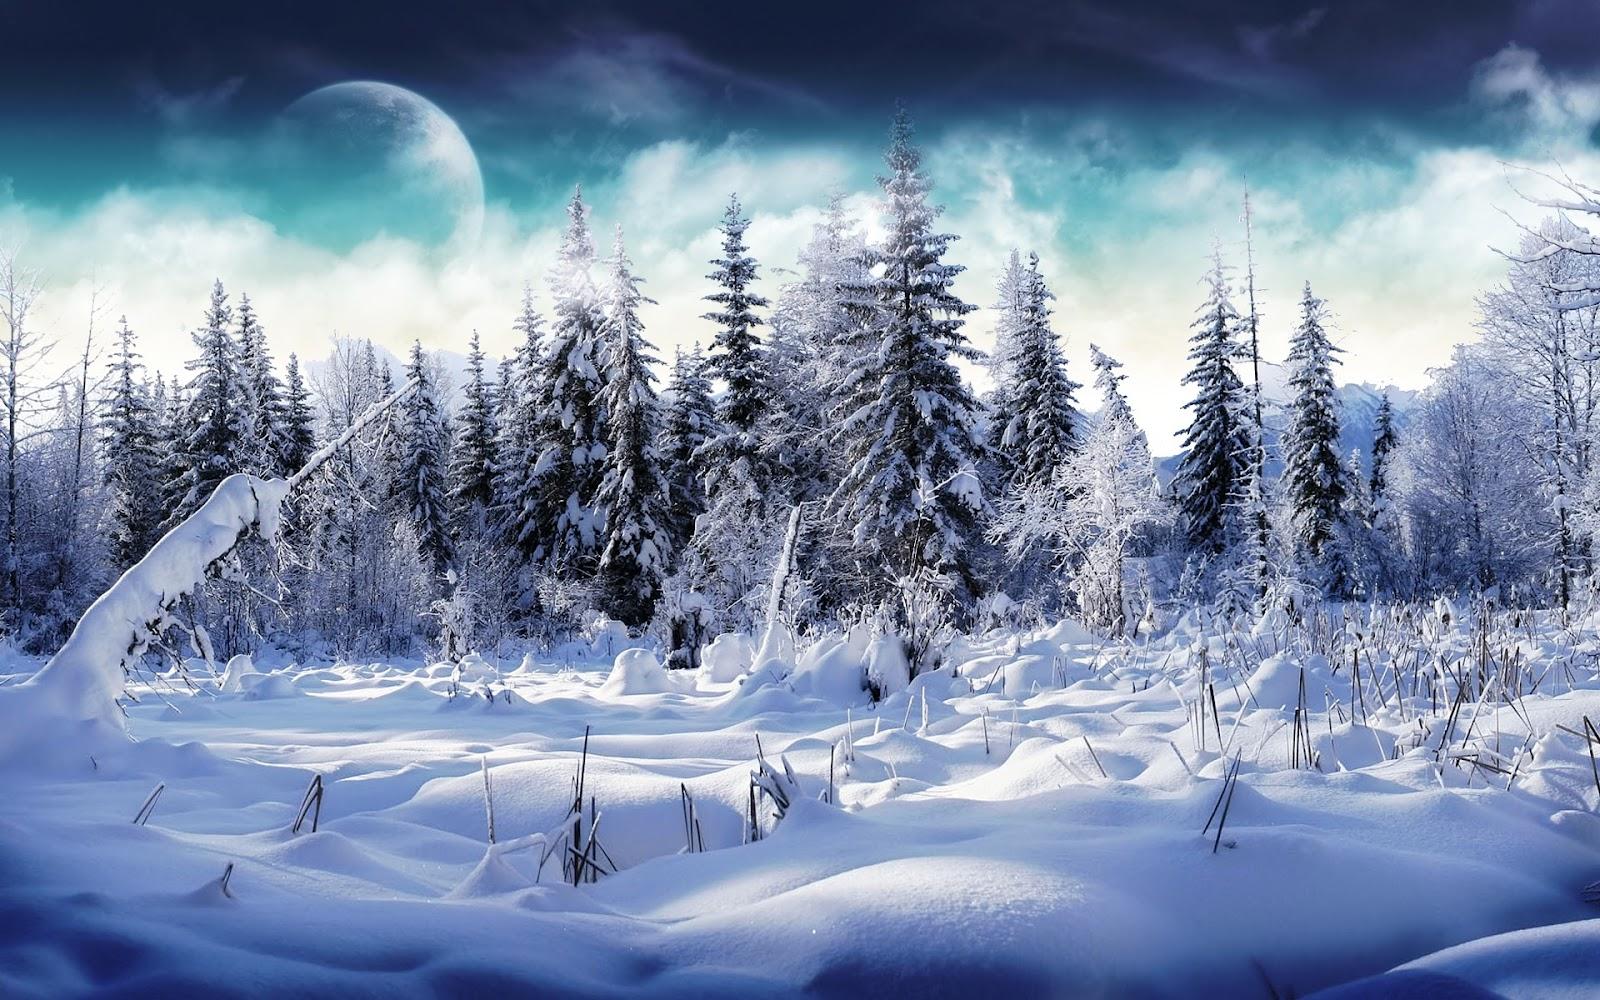 http://4.bp.blogspot.com/-pvLszun8Kw8/UGJm5FfTGZI/AAAAAAAABBI/Dcglbb1f8N4/s1600/iarna1.jpg